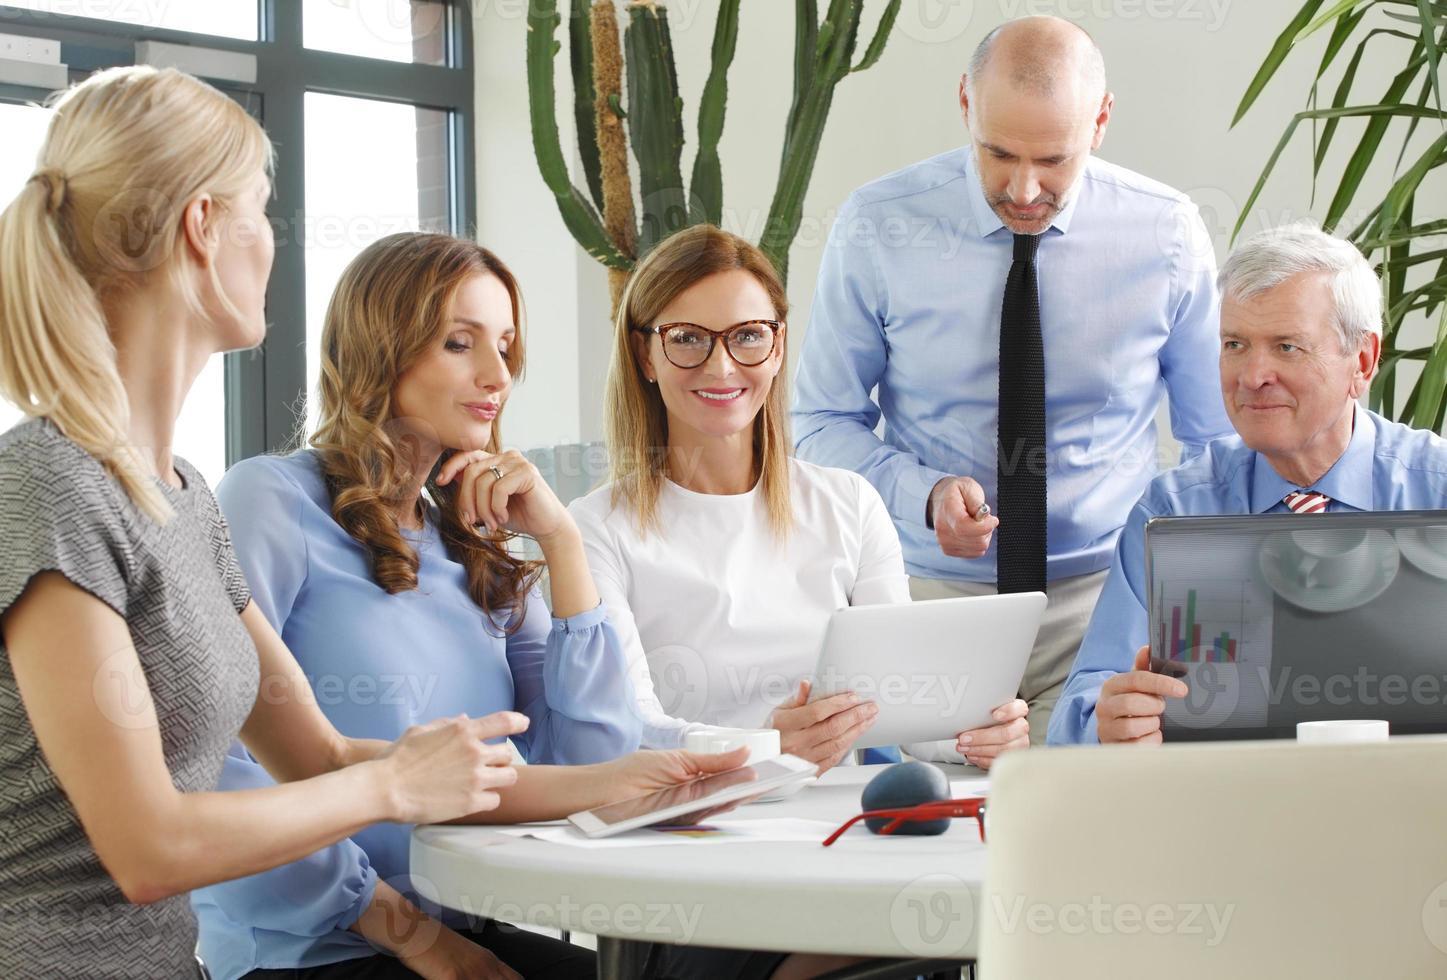 réunion du personnel photo